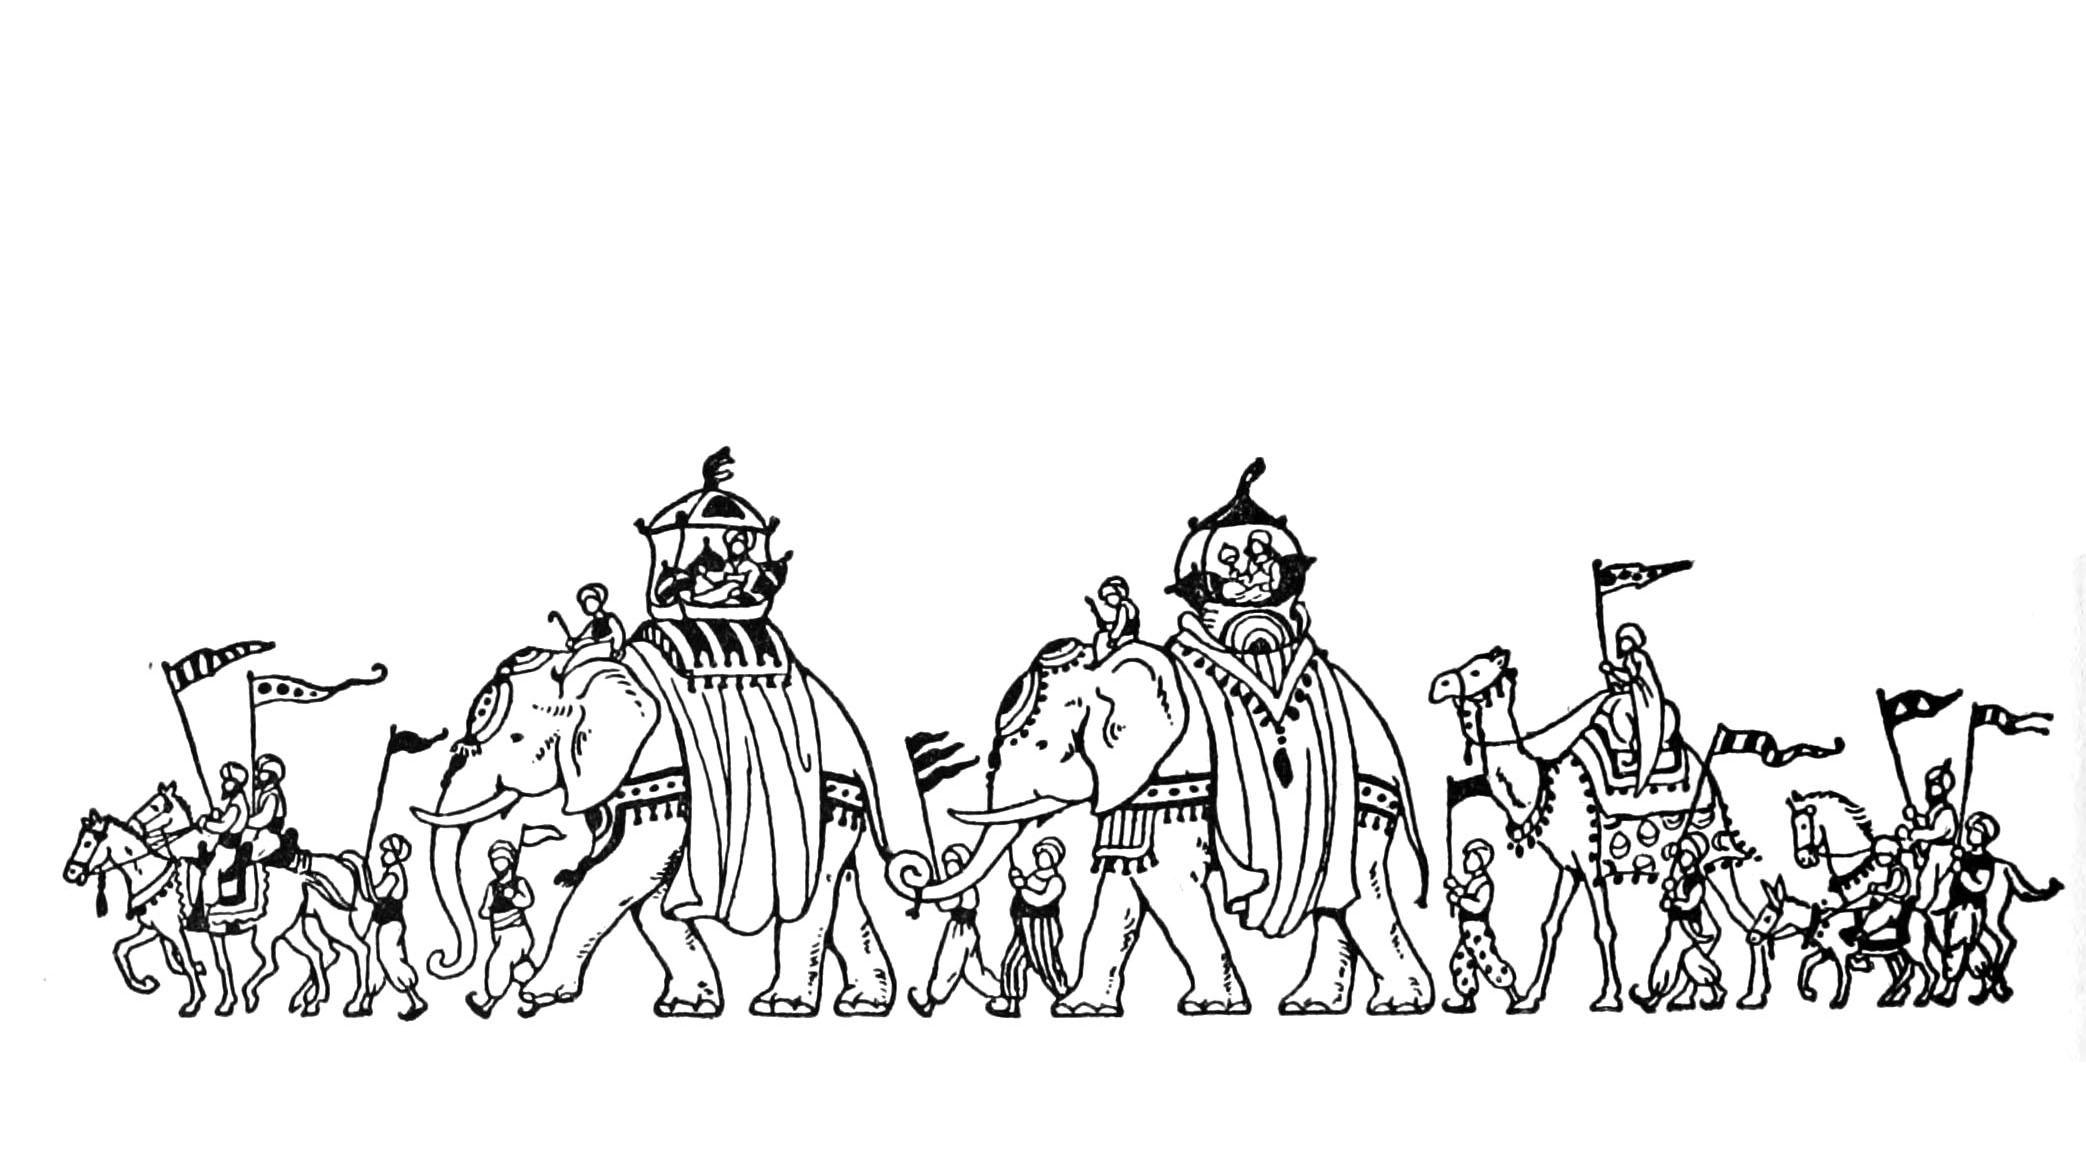 Coloriage oriental inspiré des 1001 nuits avec ce convoi royal à dos d'éléphants, protégés par des gardes sur chevaux